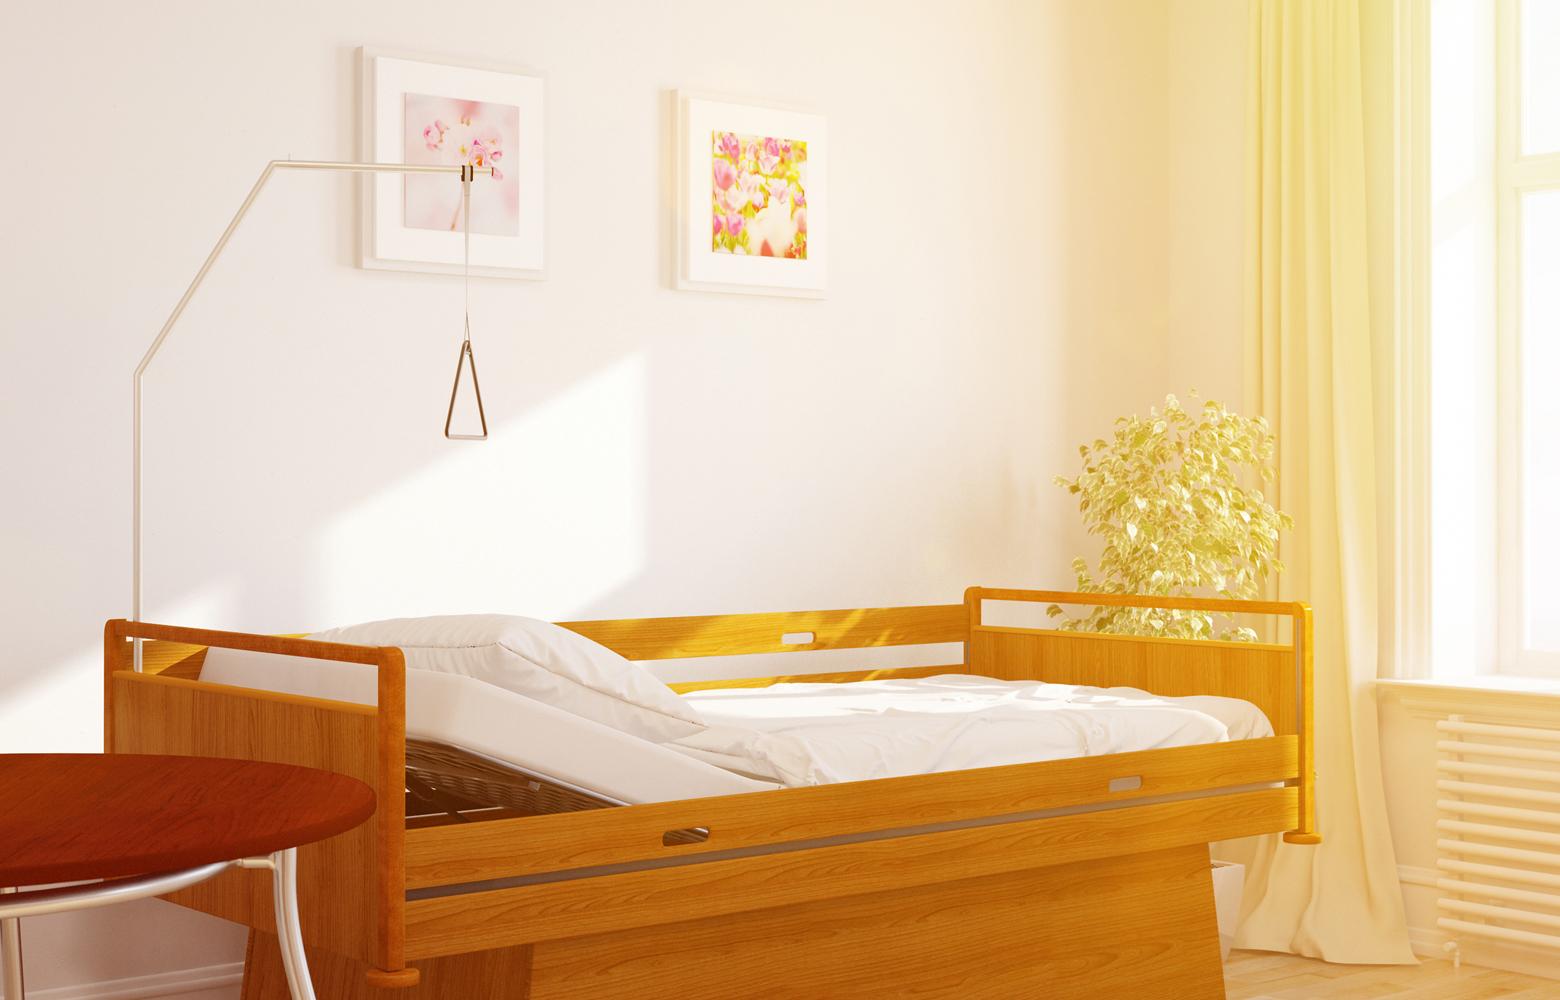 Pflegebett / Krankenbett » Für Zuhause Auf Rezept   pflege.de